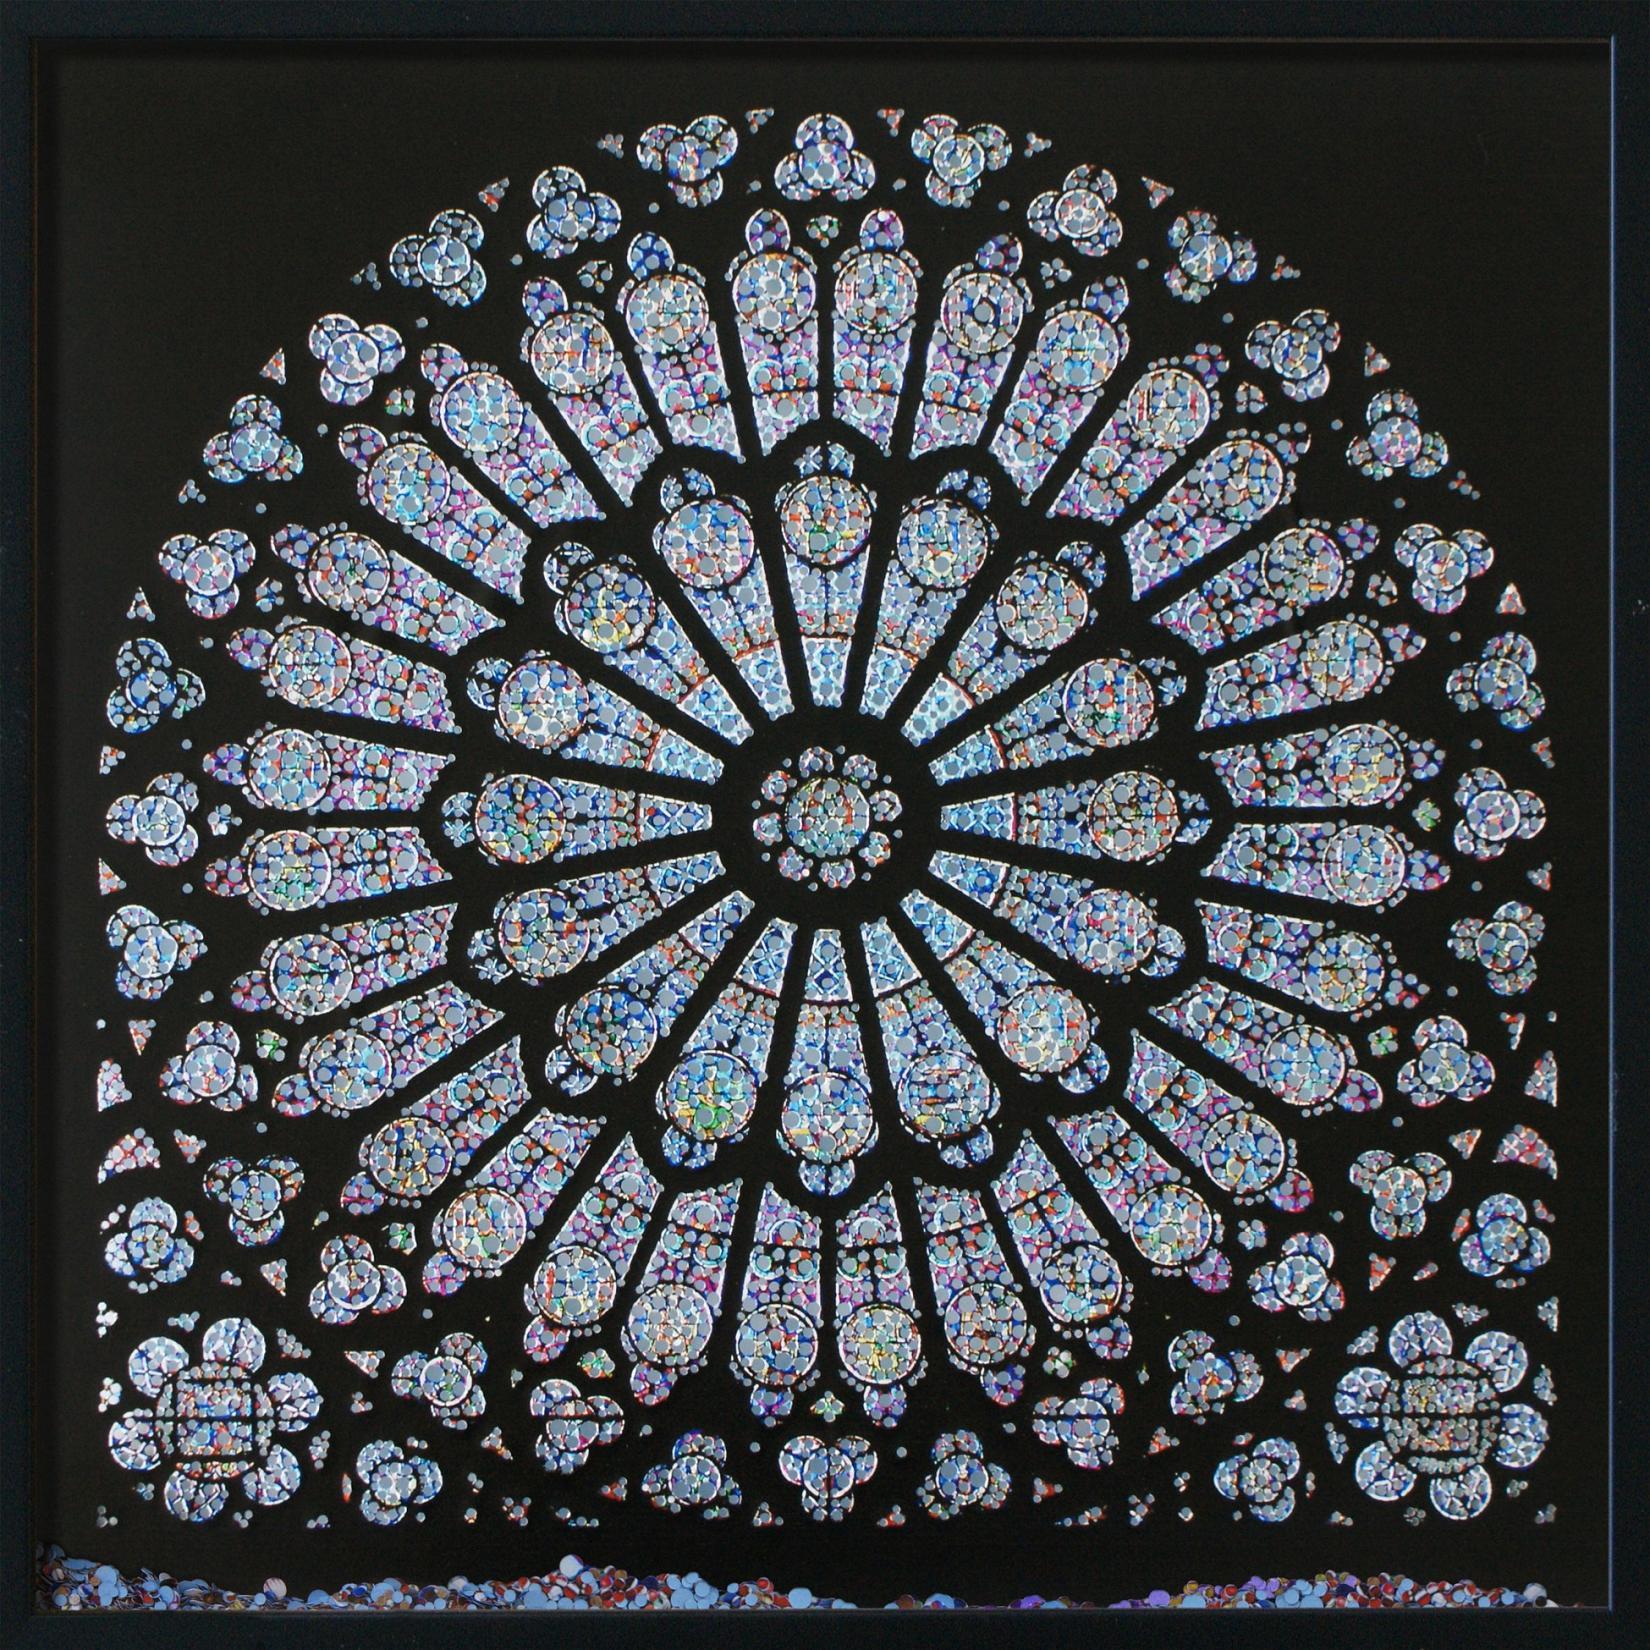 Cathédrale Notre-Dame, Paris dxf File